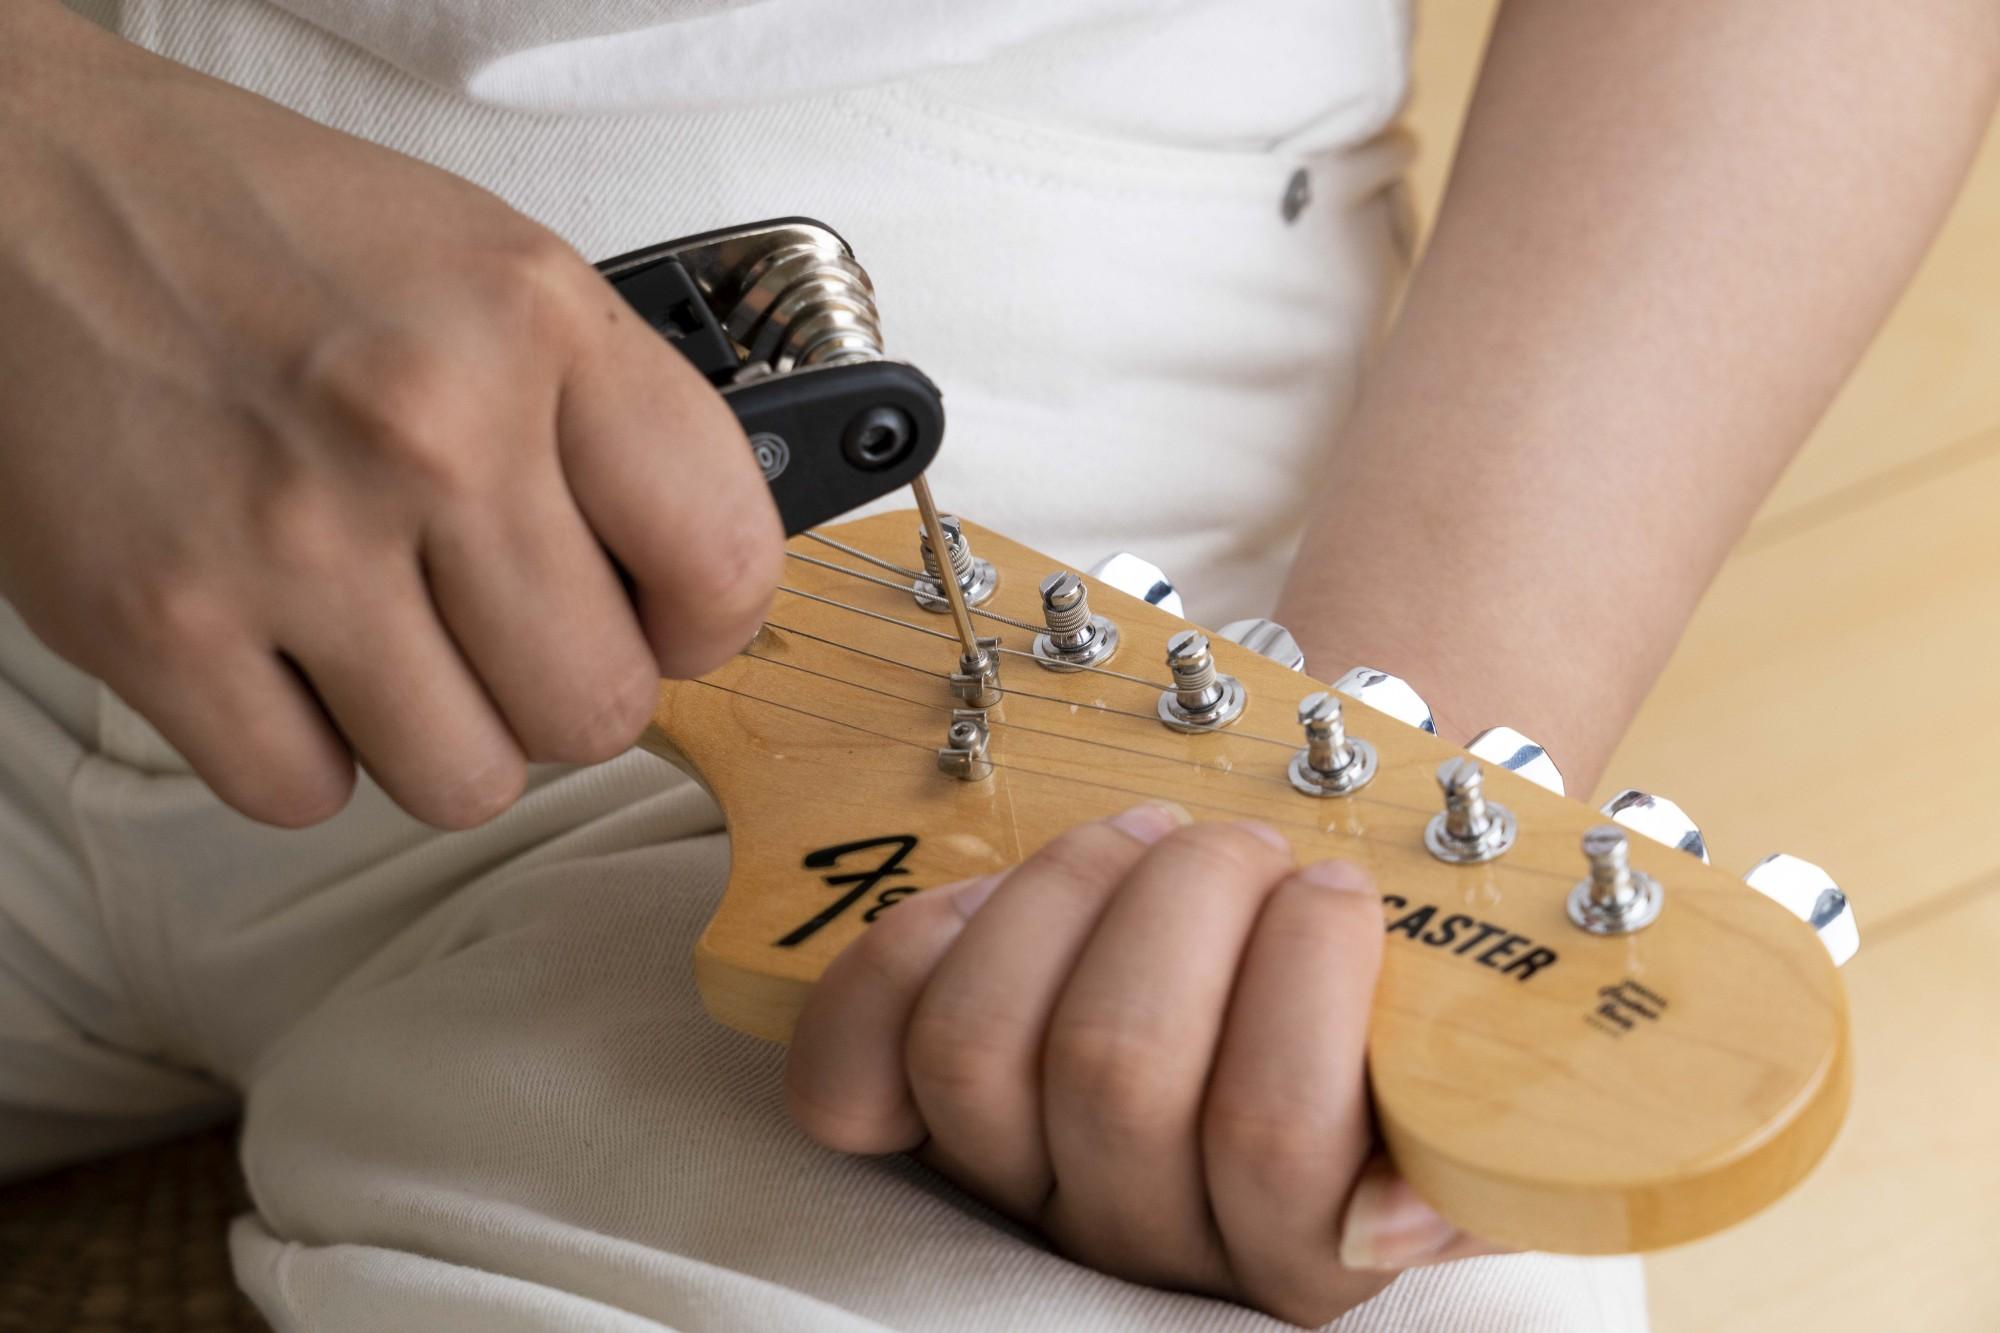 楽器の調整もできて便利